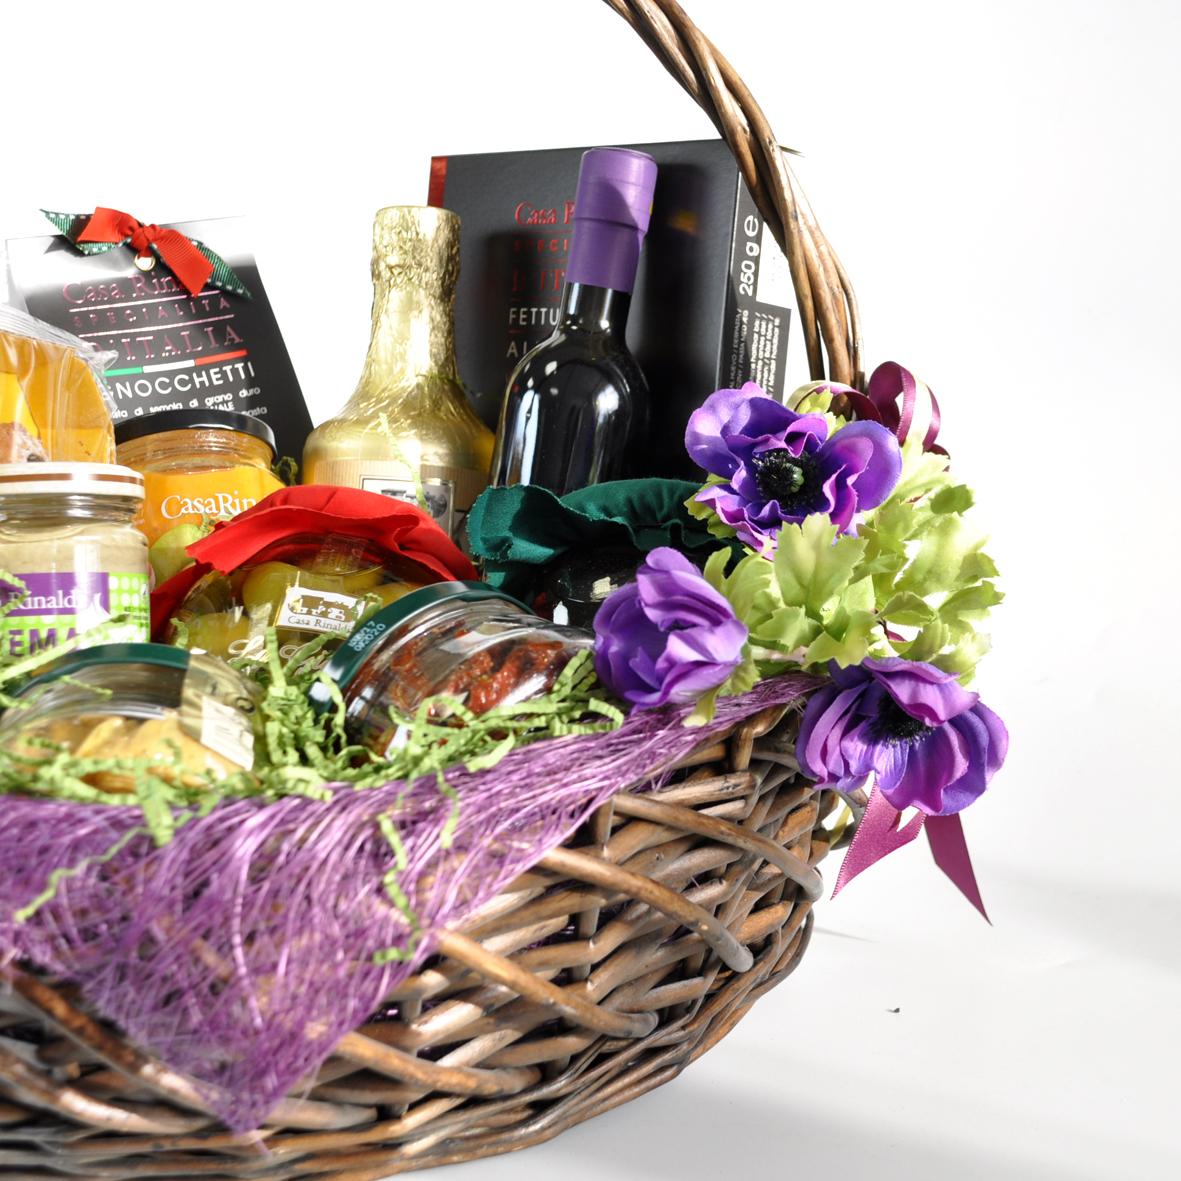 Подарочная корзина Casa Rinaldi с набором продуктов Dolce Anna